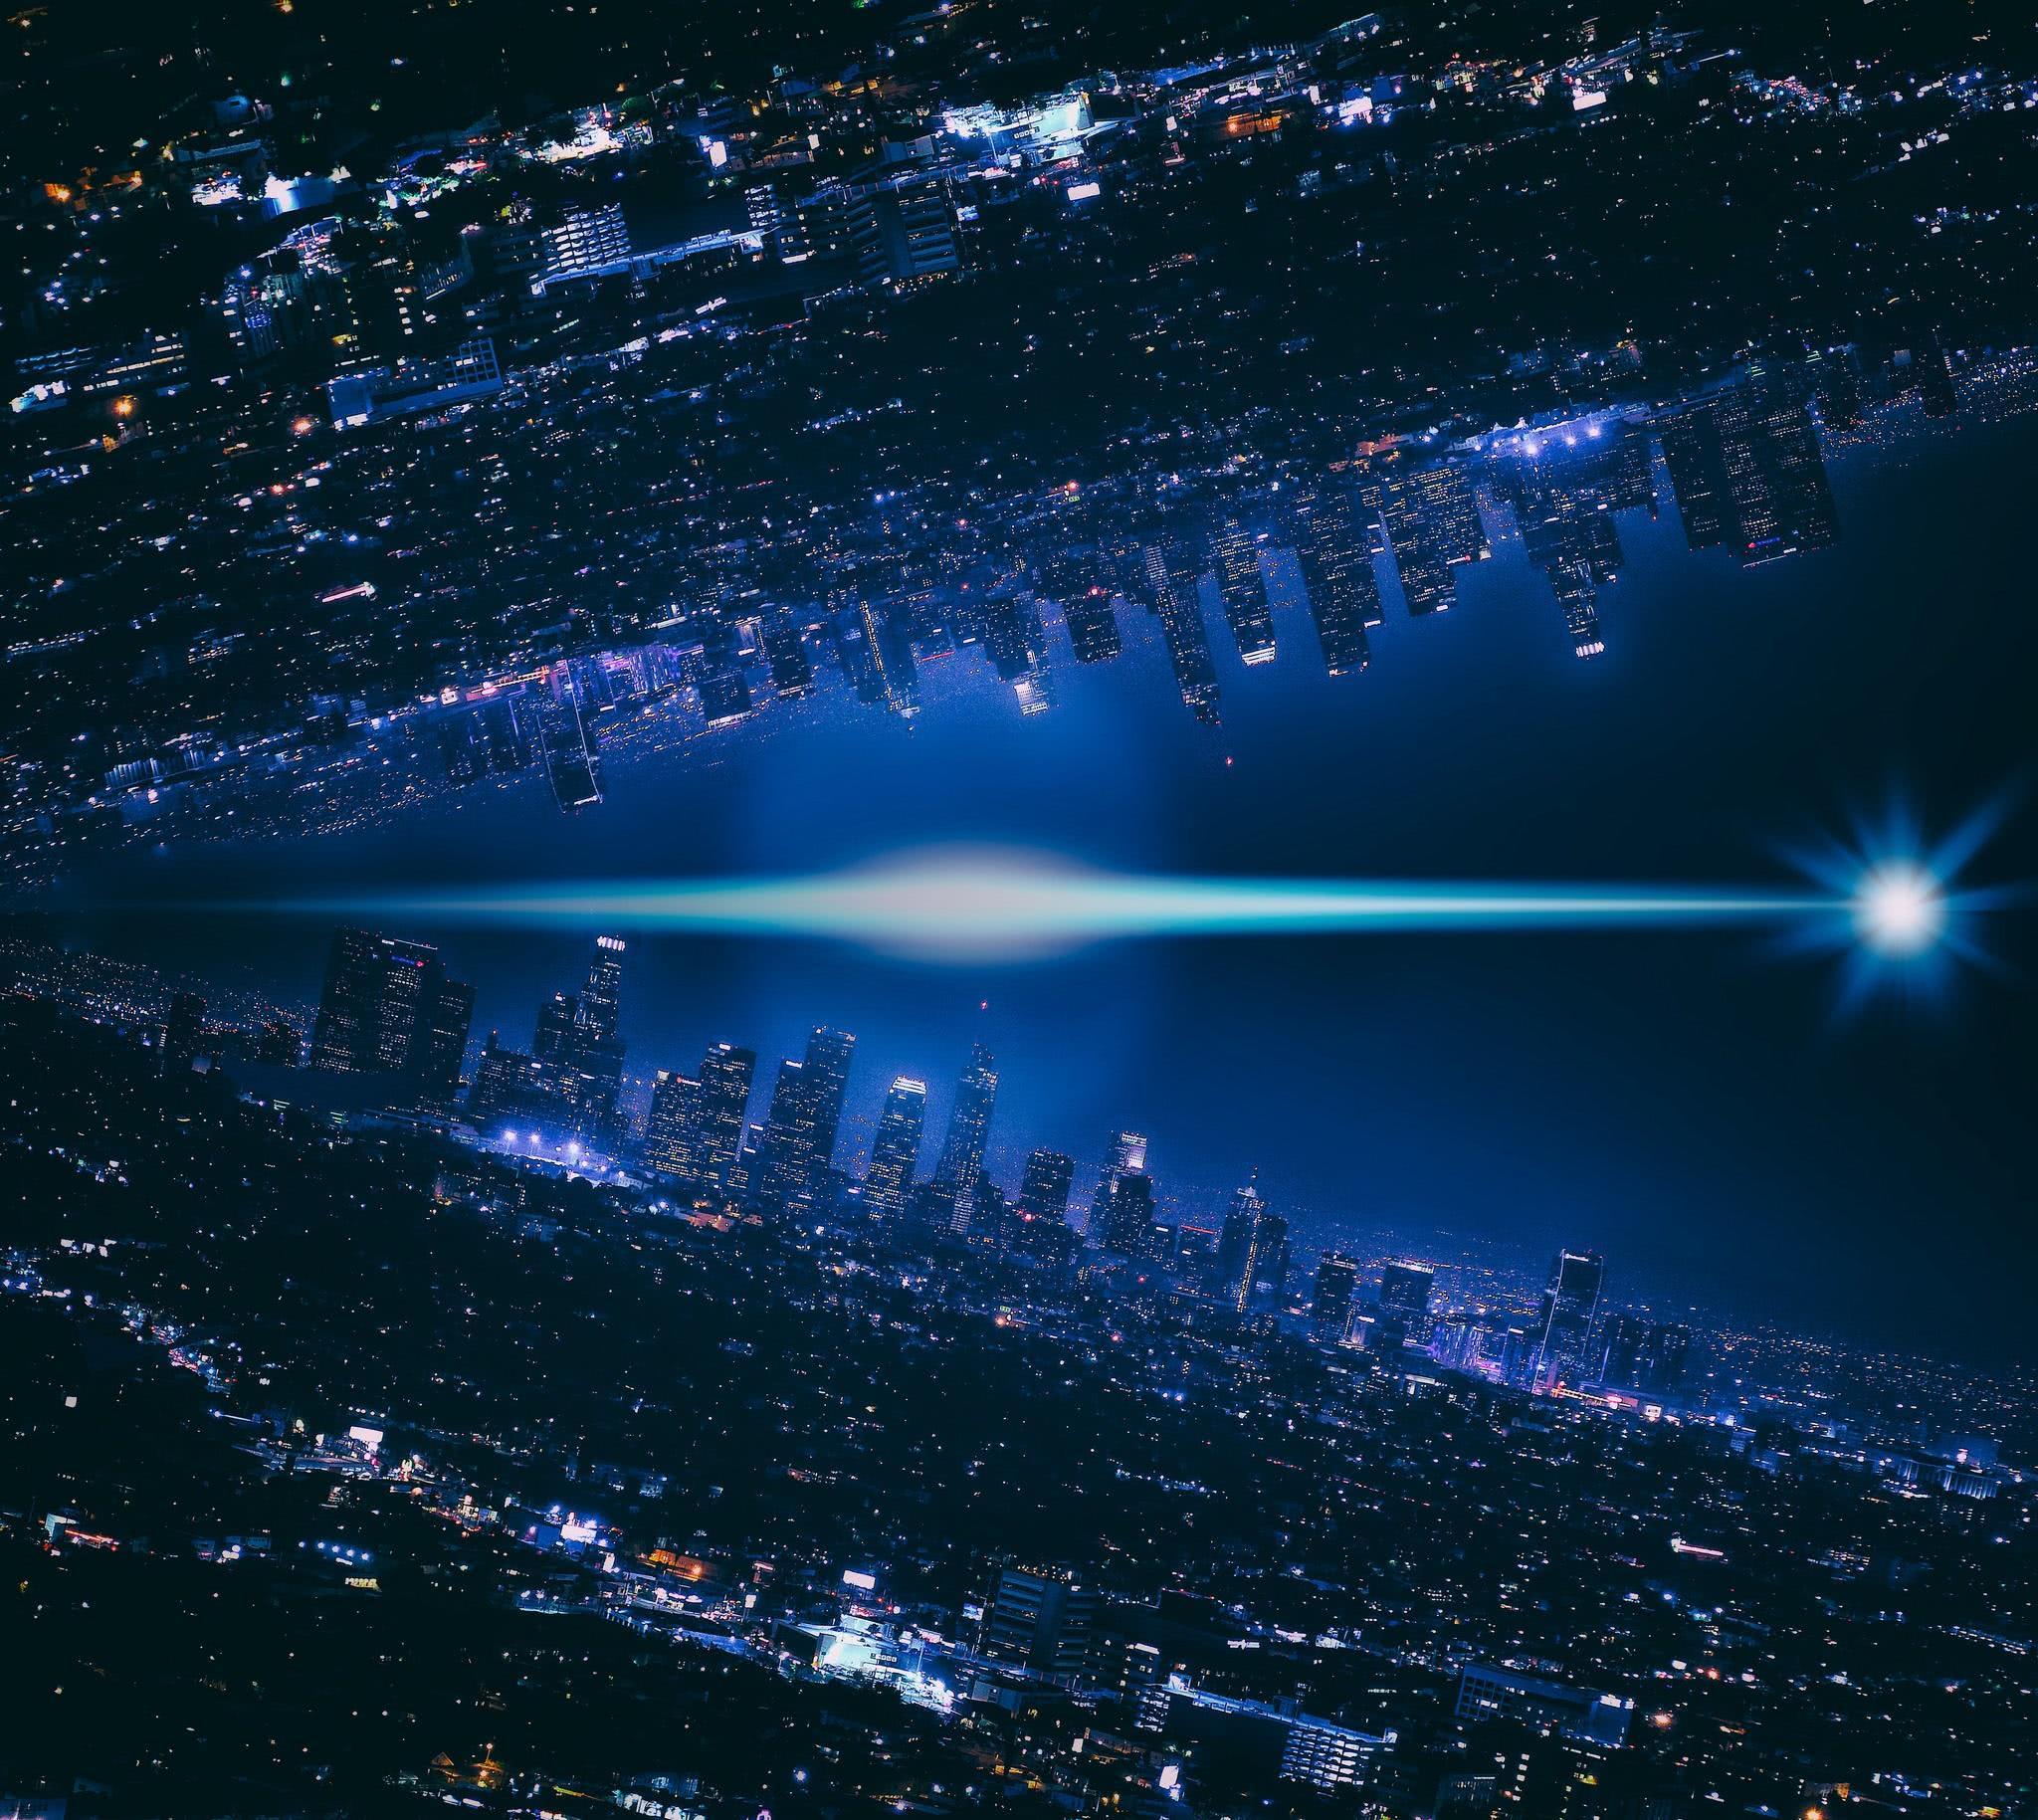 好莱坞科幻大片推荐_许多美国导演对洛杉矶夜景情有独钟,特别是一些好莱坞科幻大片,常常实